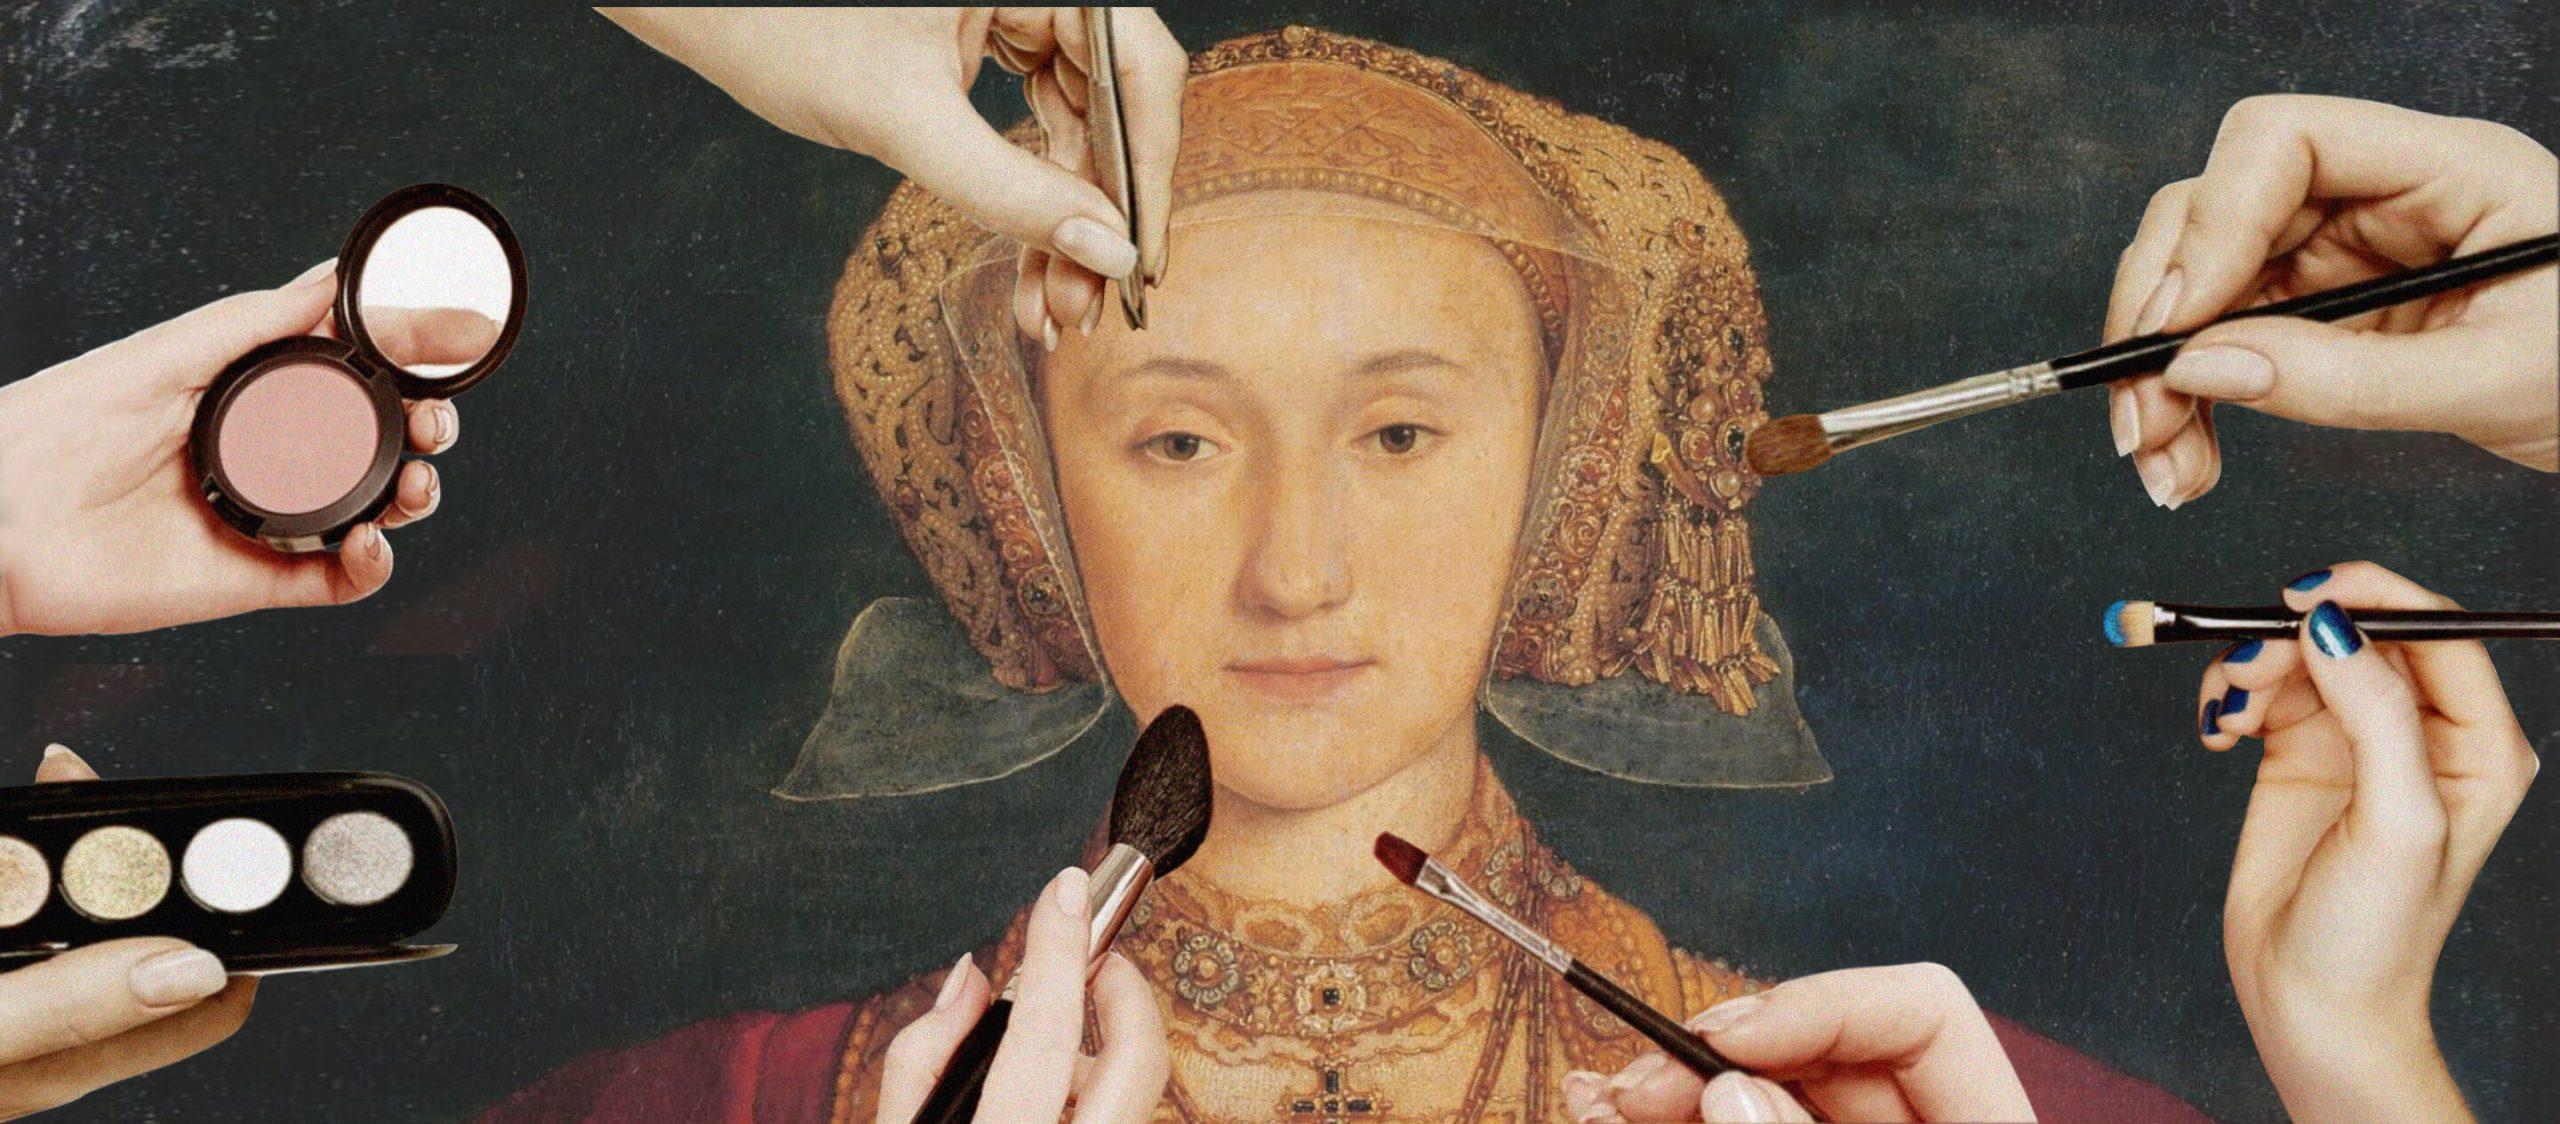 นักวาดภาพเจ้าสาว และนิยามความ 'ไม่ตรงปก' ในยุคเรอเนซองซ์